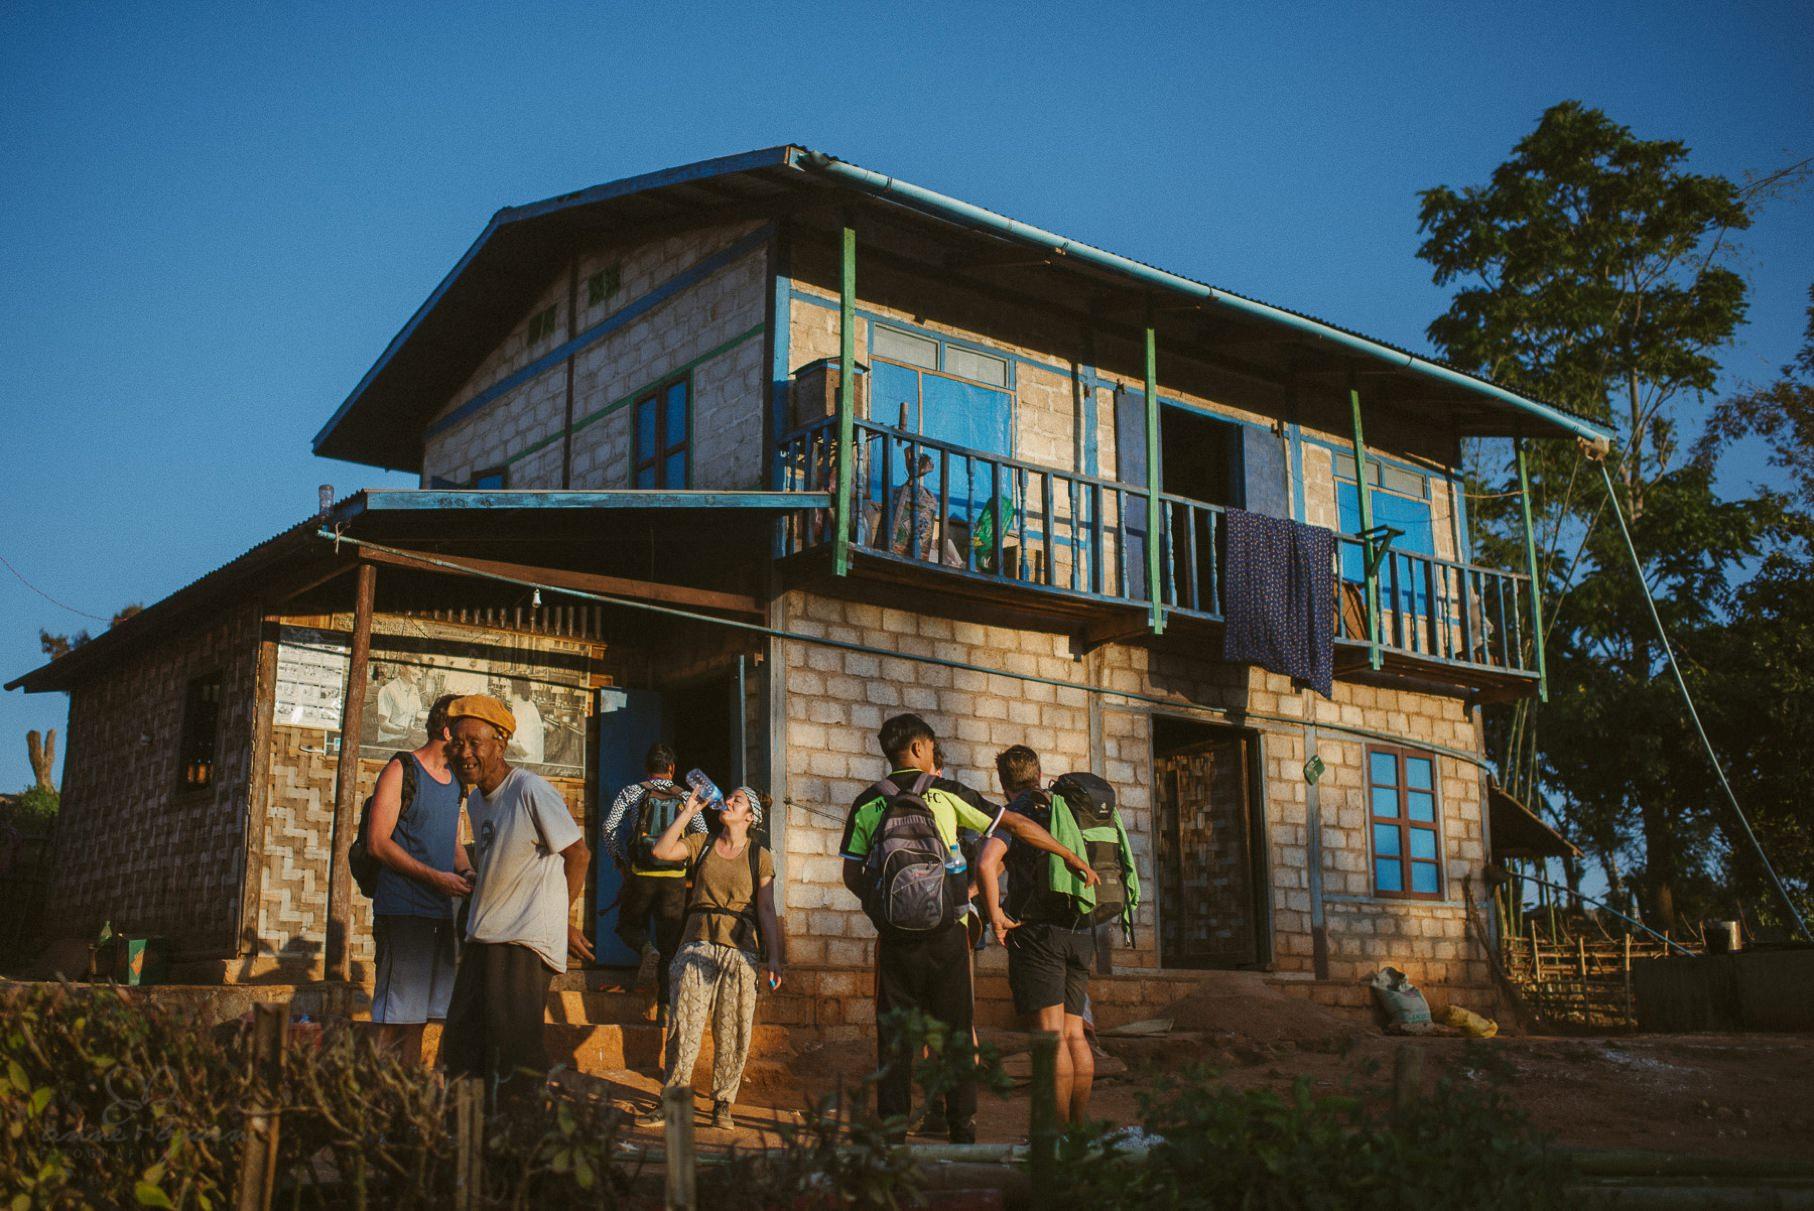 0044 inle lake trekking d76 5925 - Trekking von Kalaw zum Inle-See - Myanmar / Burma